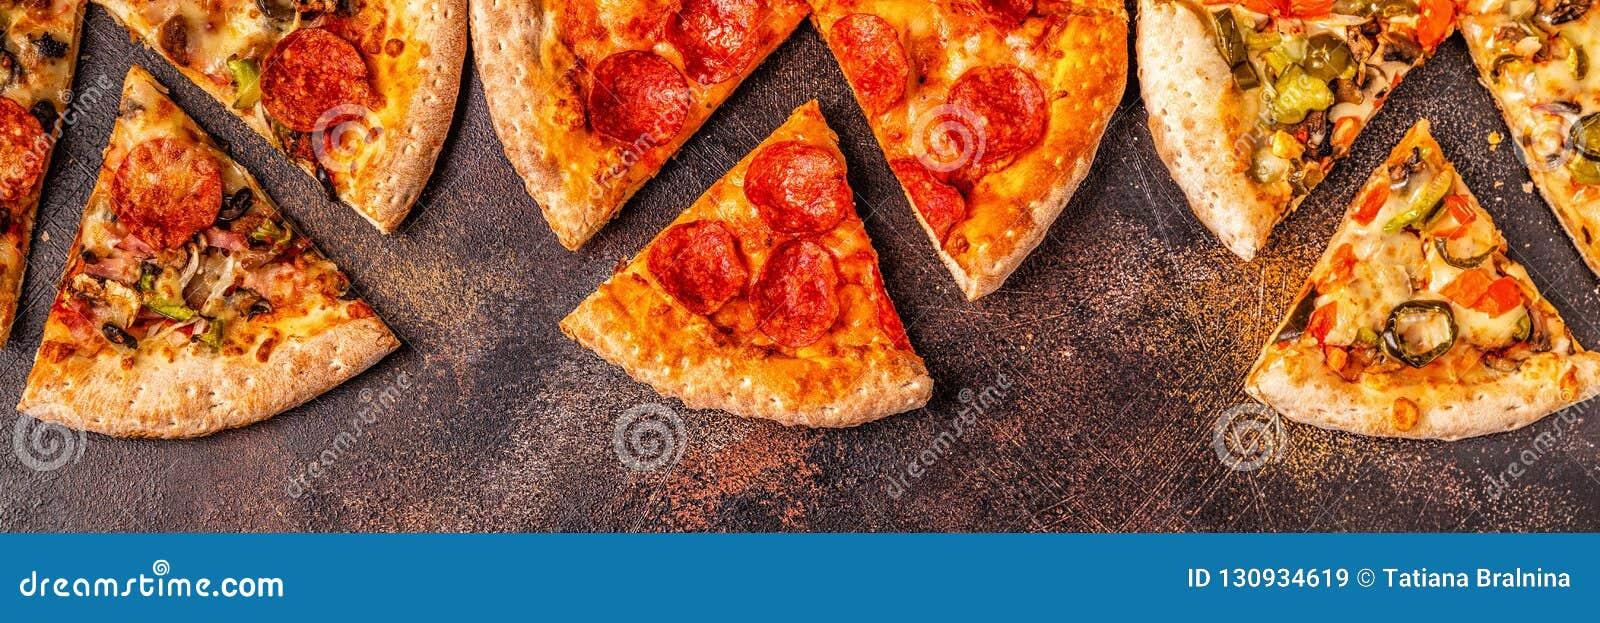 Ensemble de différentes pizzas